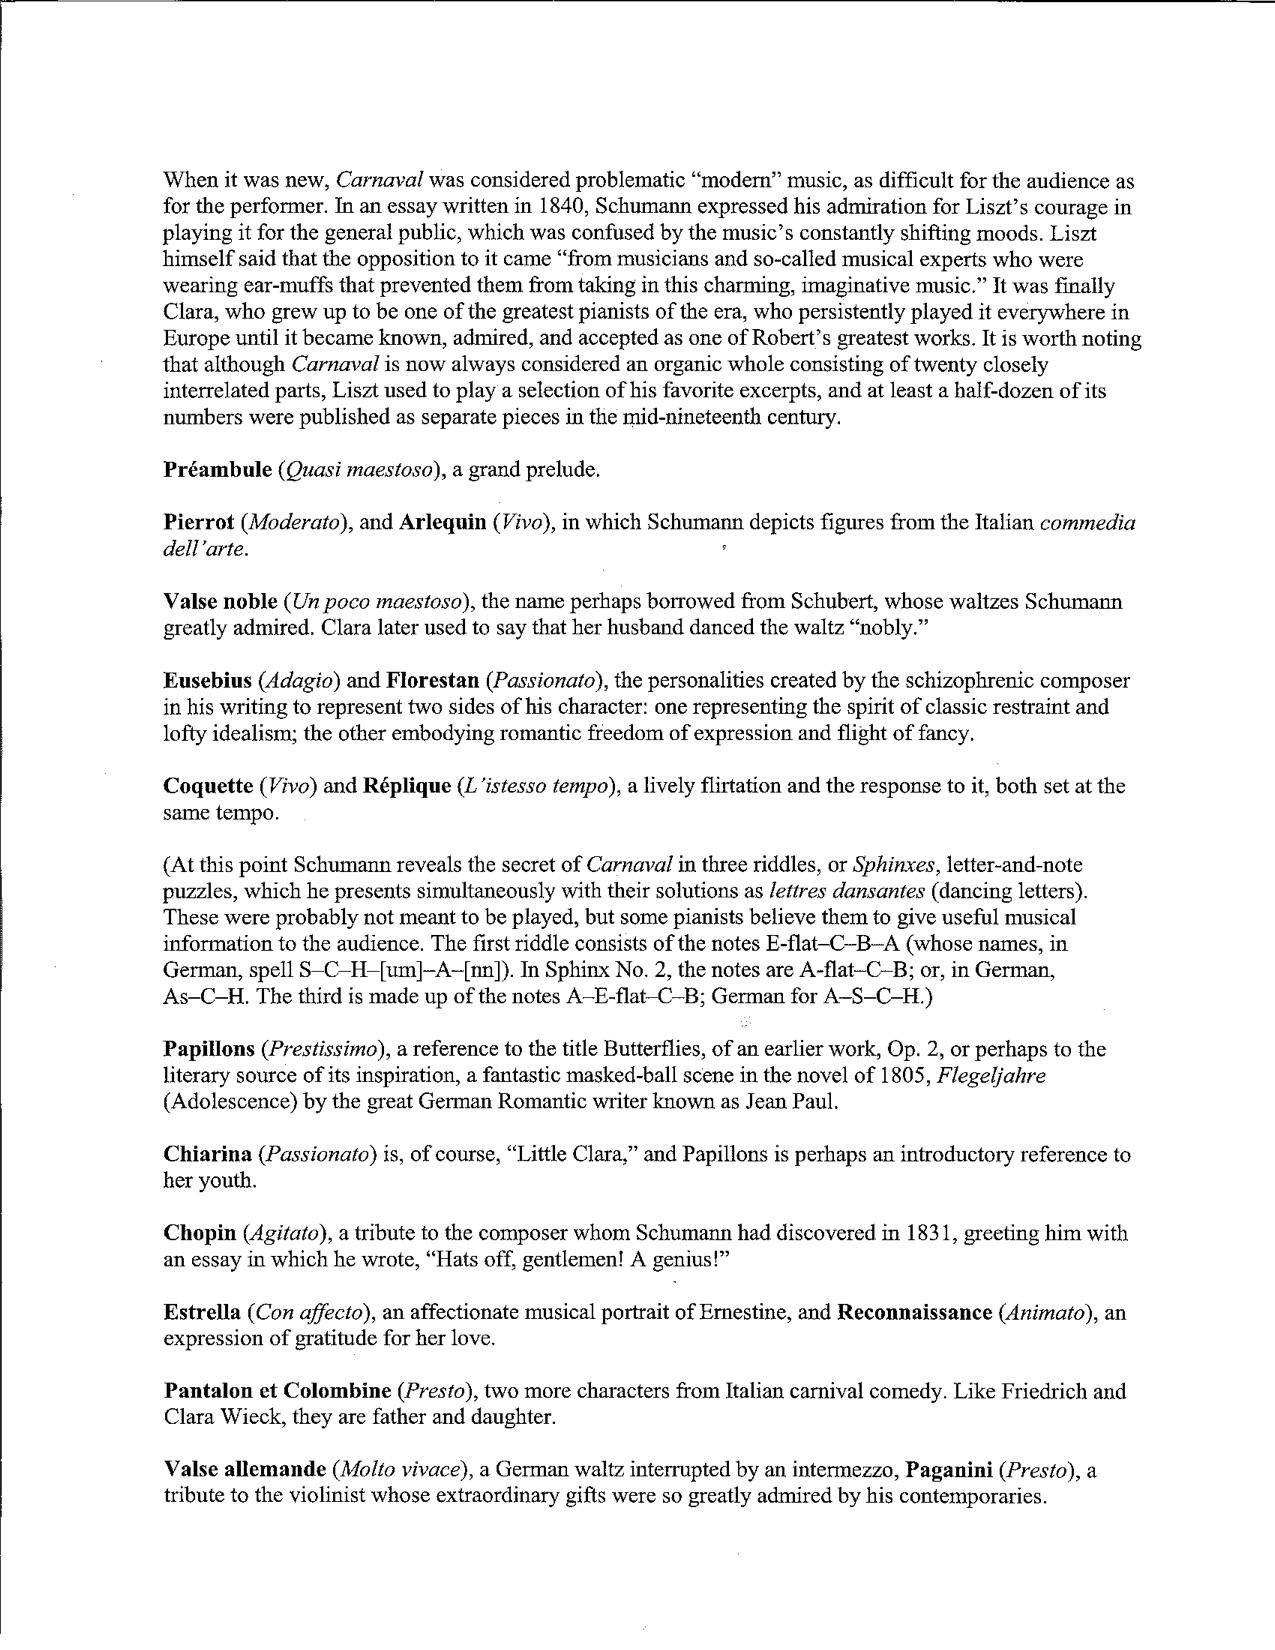 Hamelin00-01_Program8.jpg